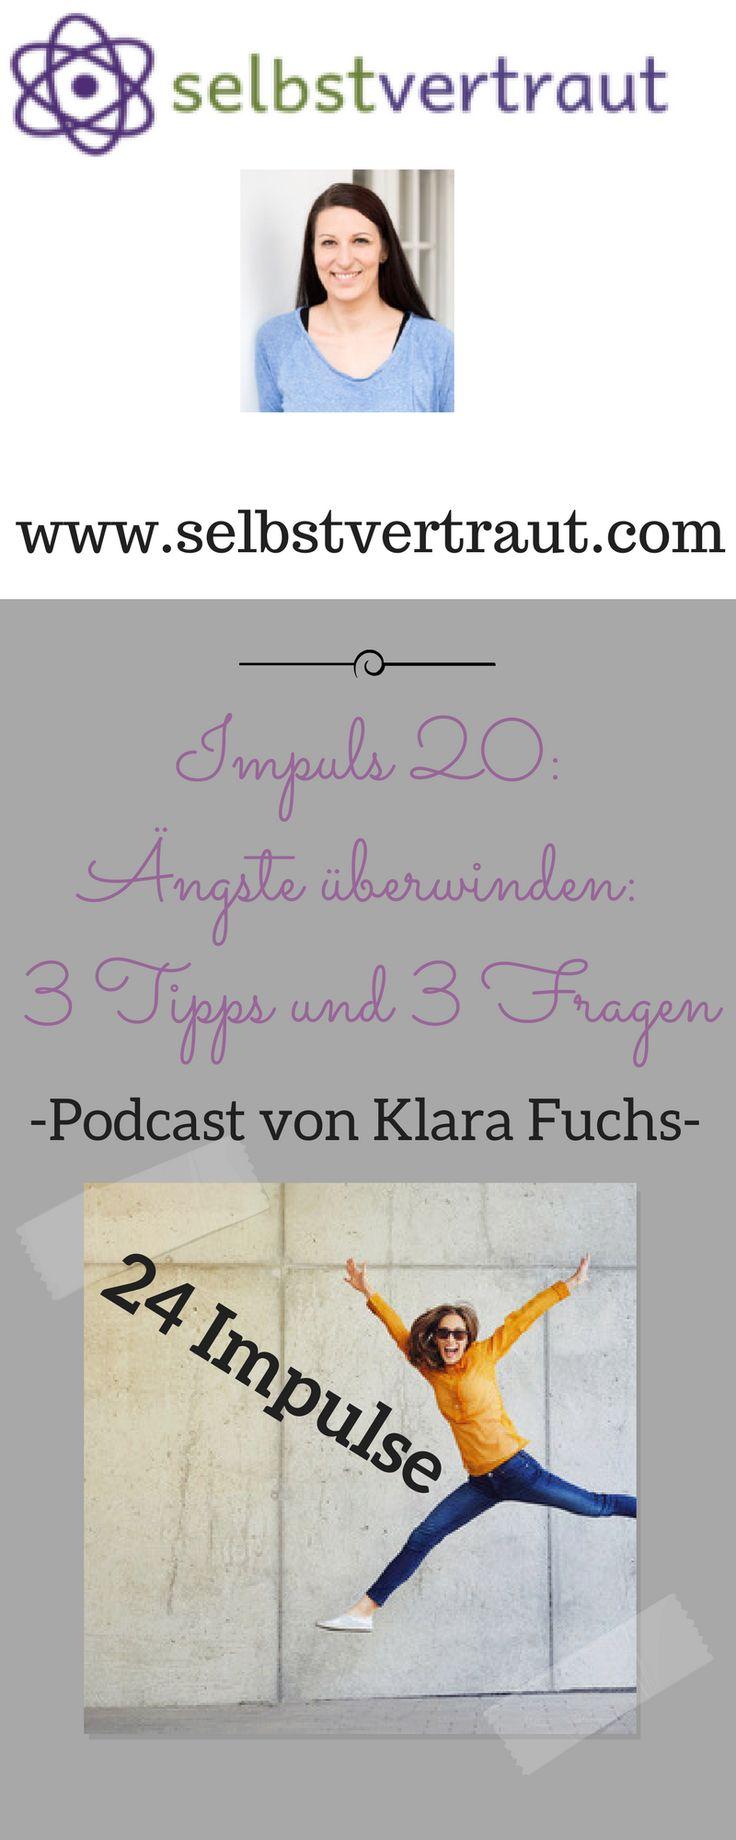 """Gerda Neumann von Selbstvertraut.com stellt uns heute eine Podcastfolge von Klara Fuchs vor. Das Thema ist """"Ängste überwinden"""". Viel Spaß beim Zuhören! Deine Julia von Selbstvertrauen für Frauen #Selbstvertrauen, #Selbstbewusstsein, #Ängste, #Mut"""